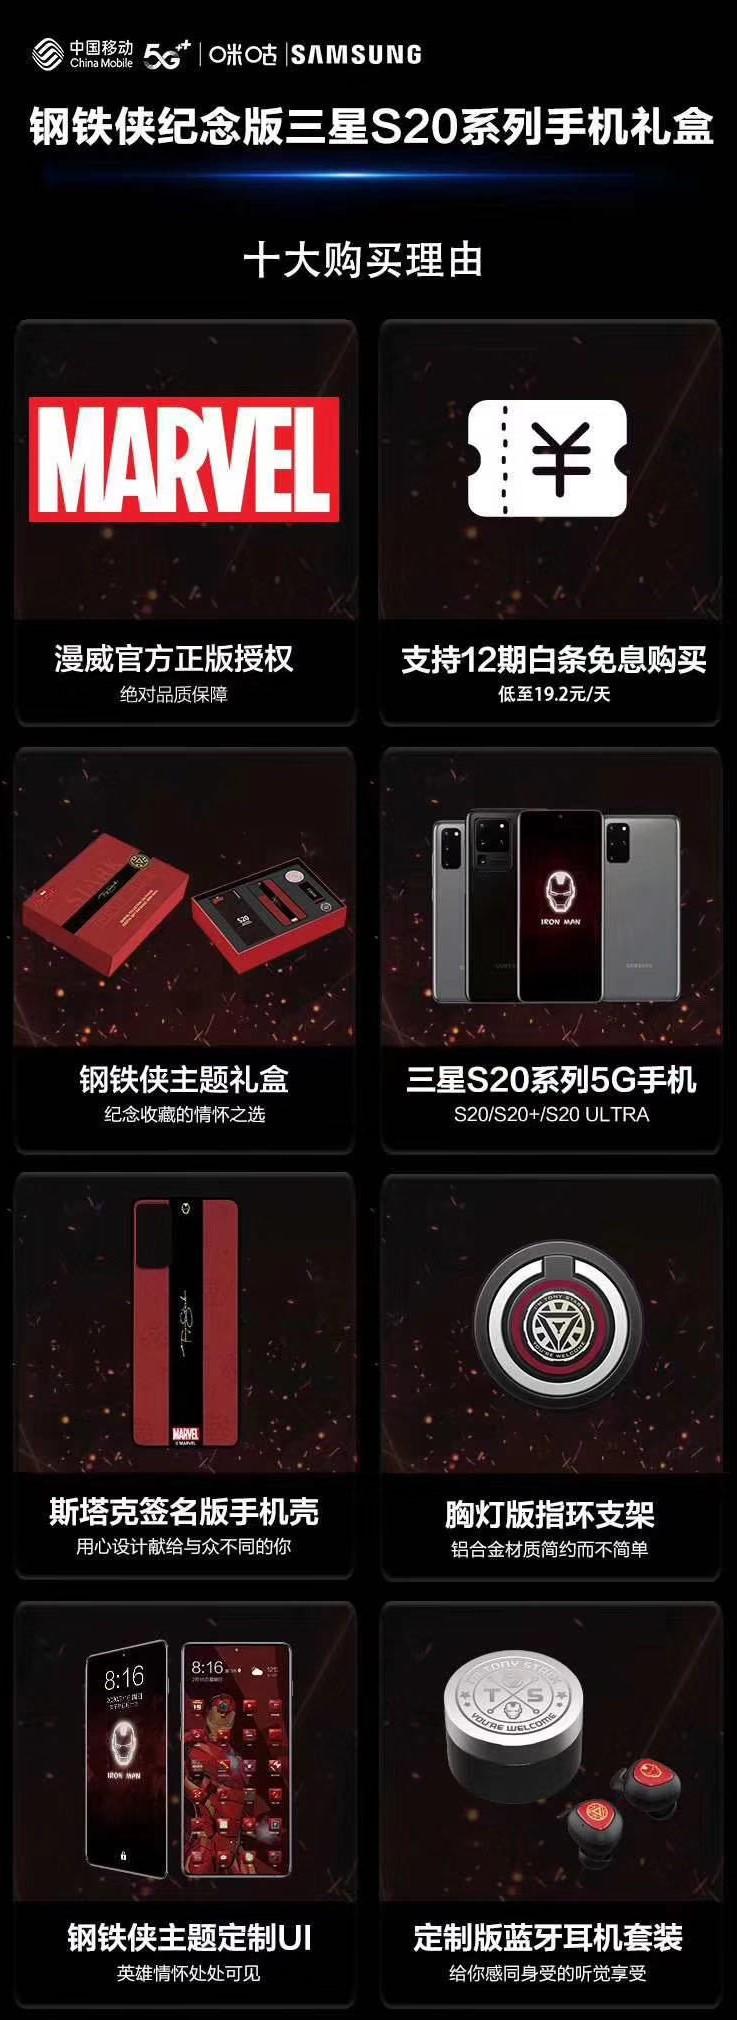 Samsung Galaxy S20 5G có phiên bản Iron Man tại Trung Quốc ảnh 5